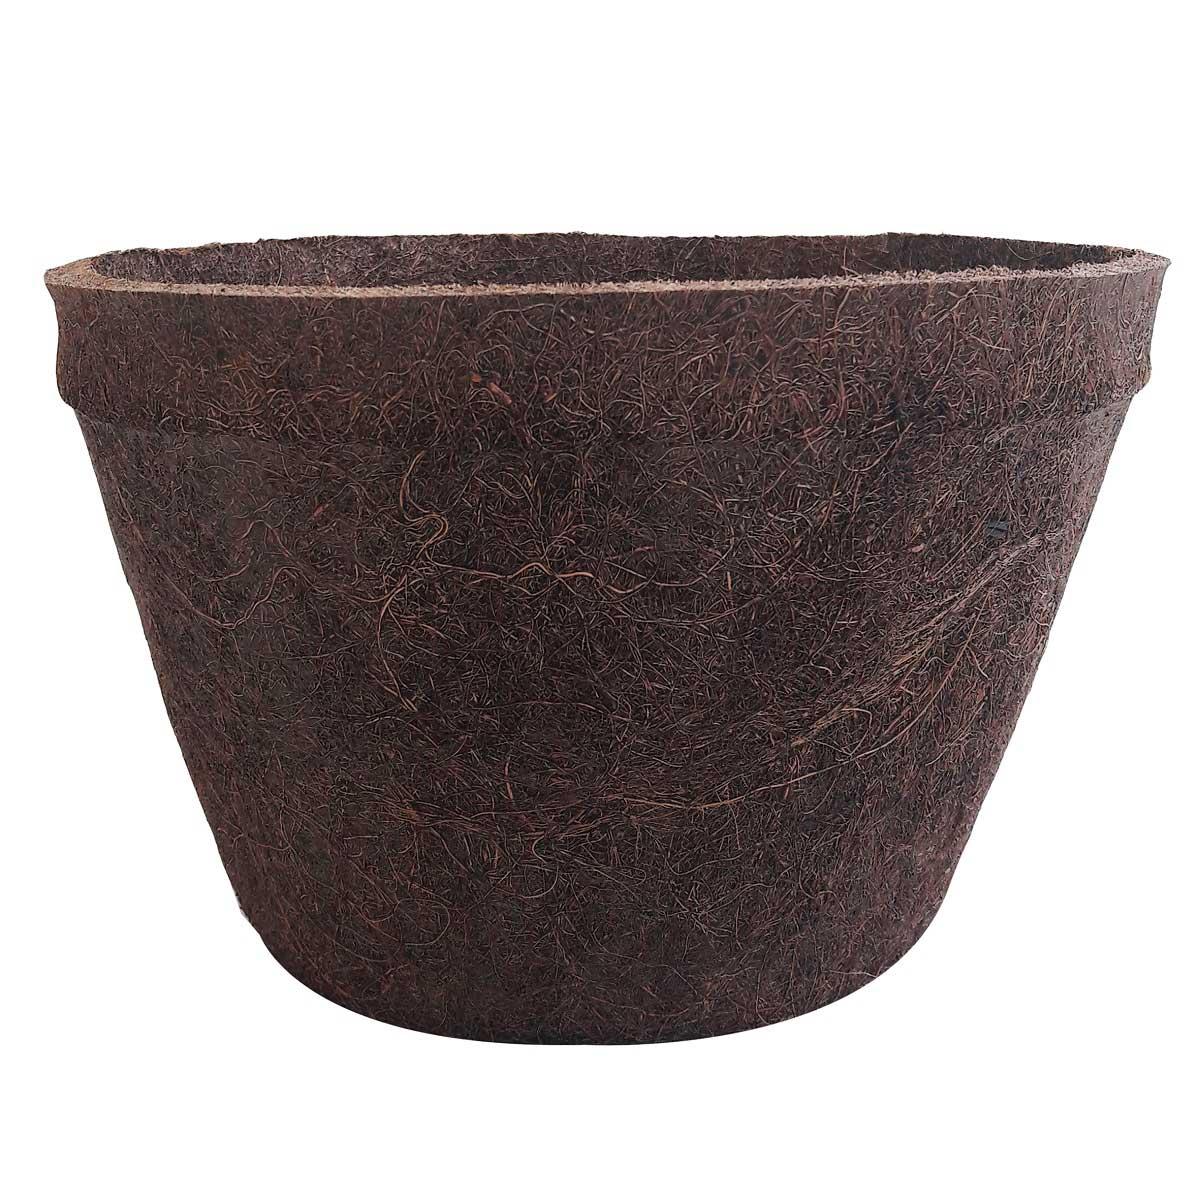 Vaso Coquim Nº 14 26 x 18 cm em Fibra de Coco - COQUIM